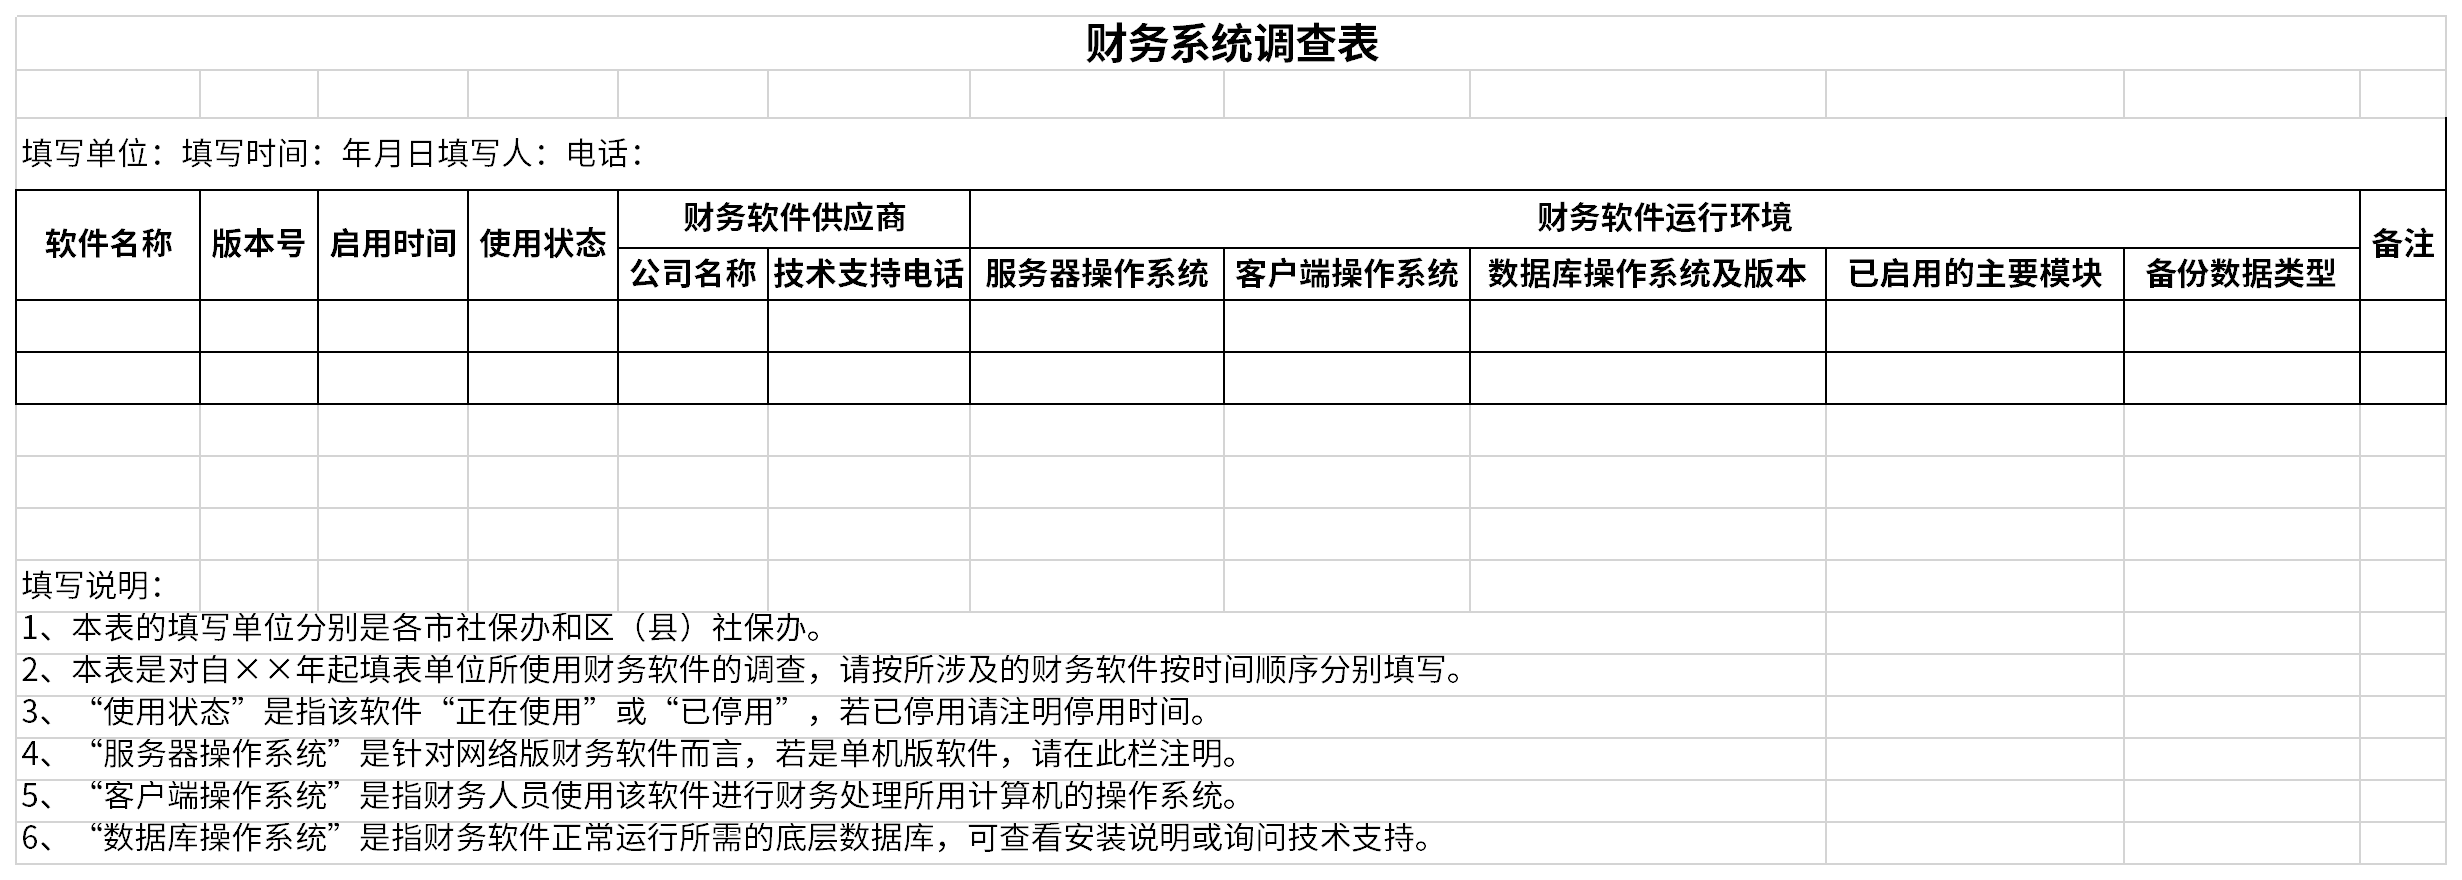 财务系统调查表截图